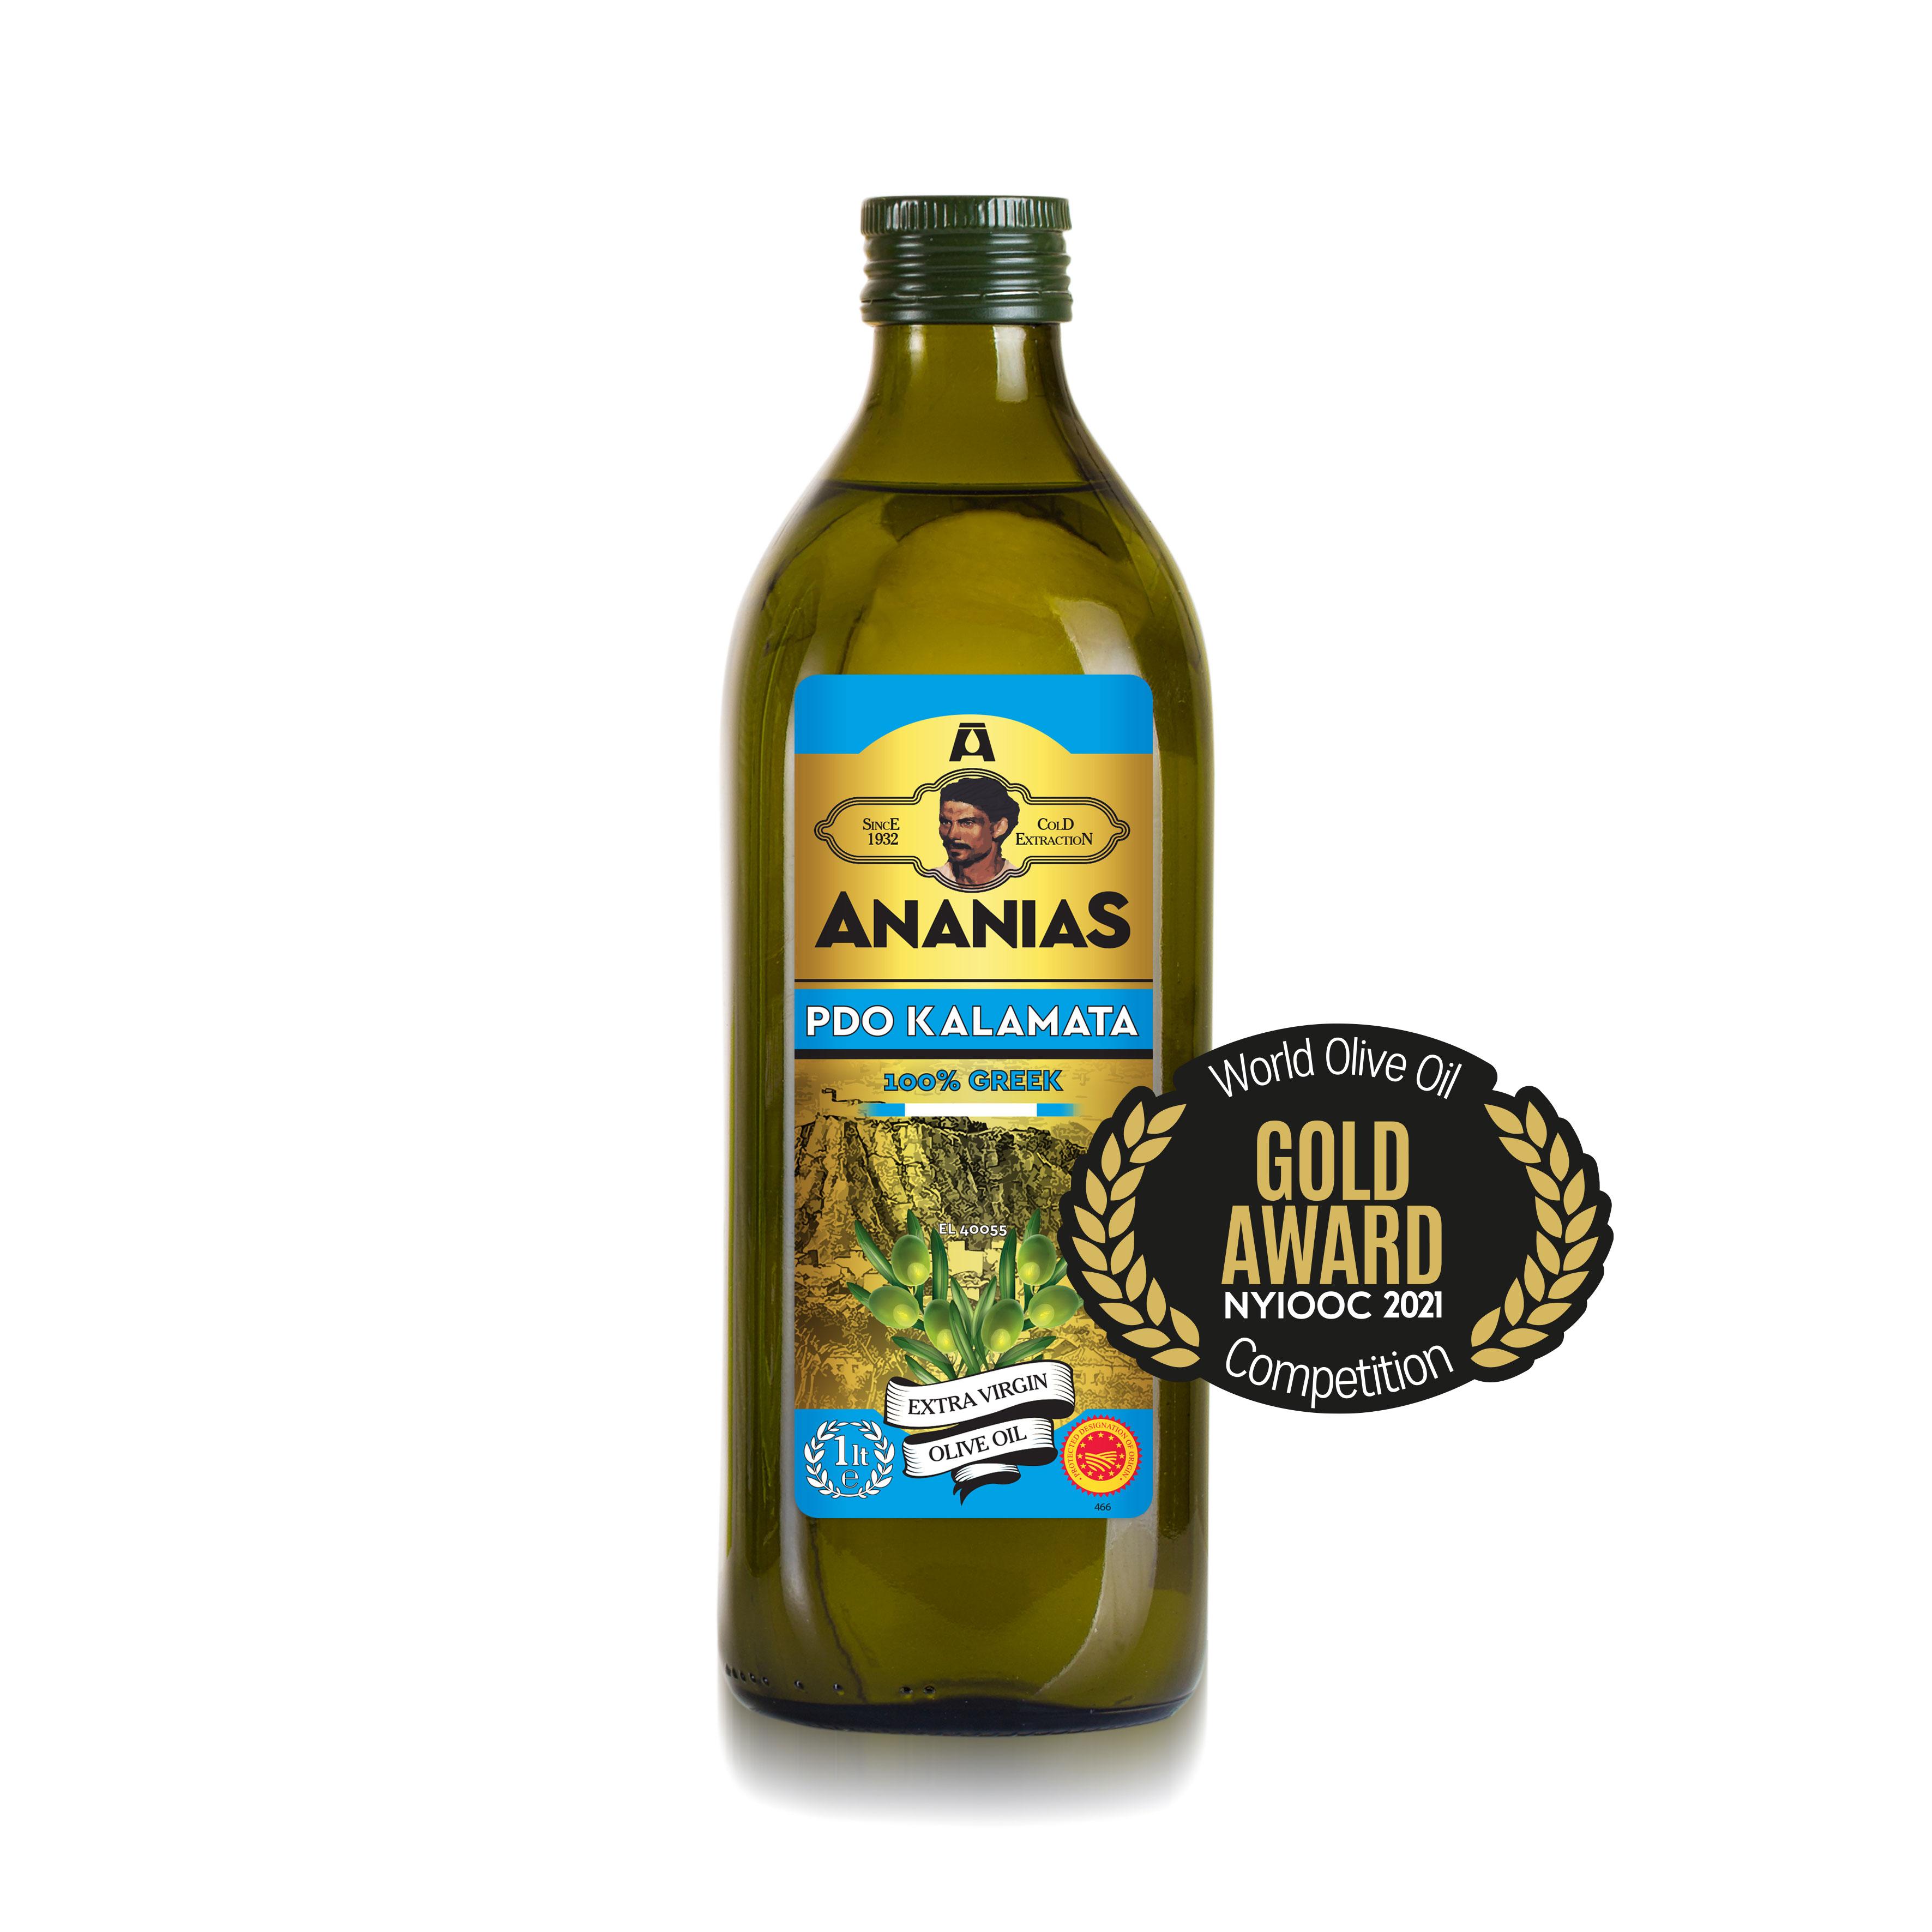 ananias pdo bottle 1lt gold award 21